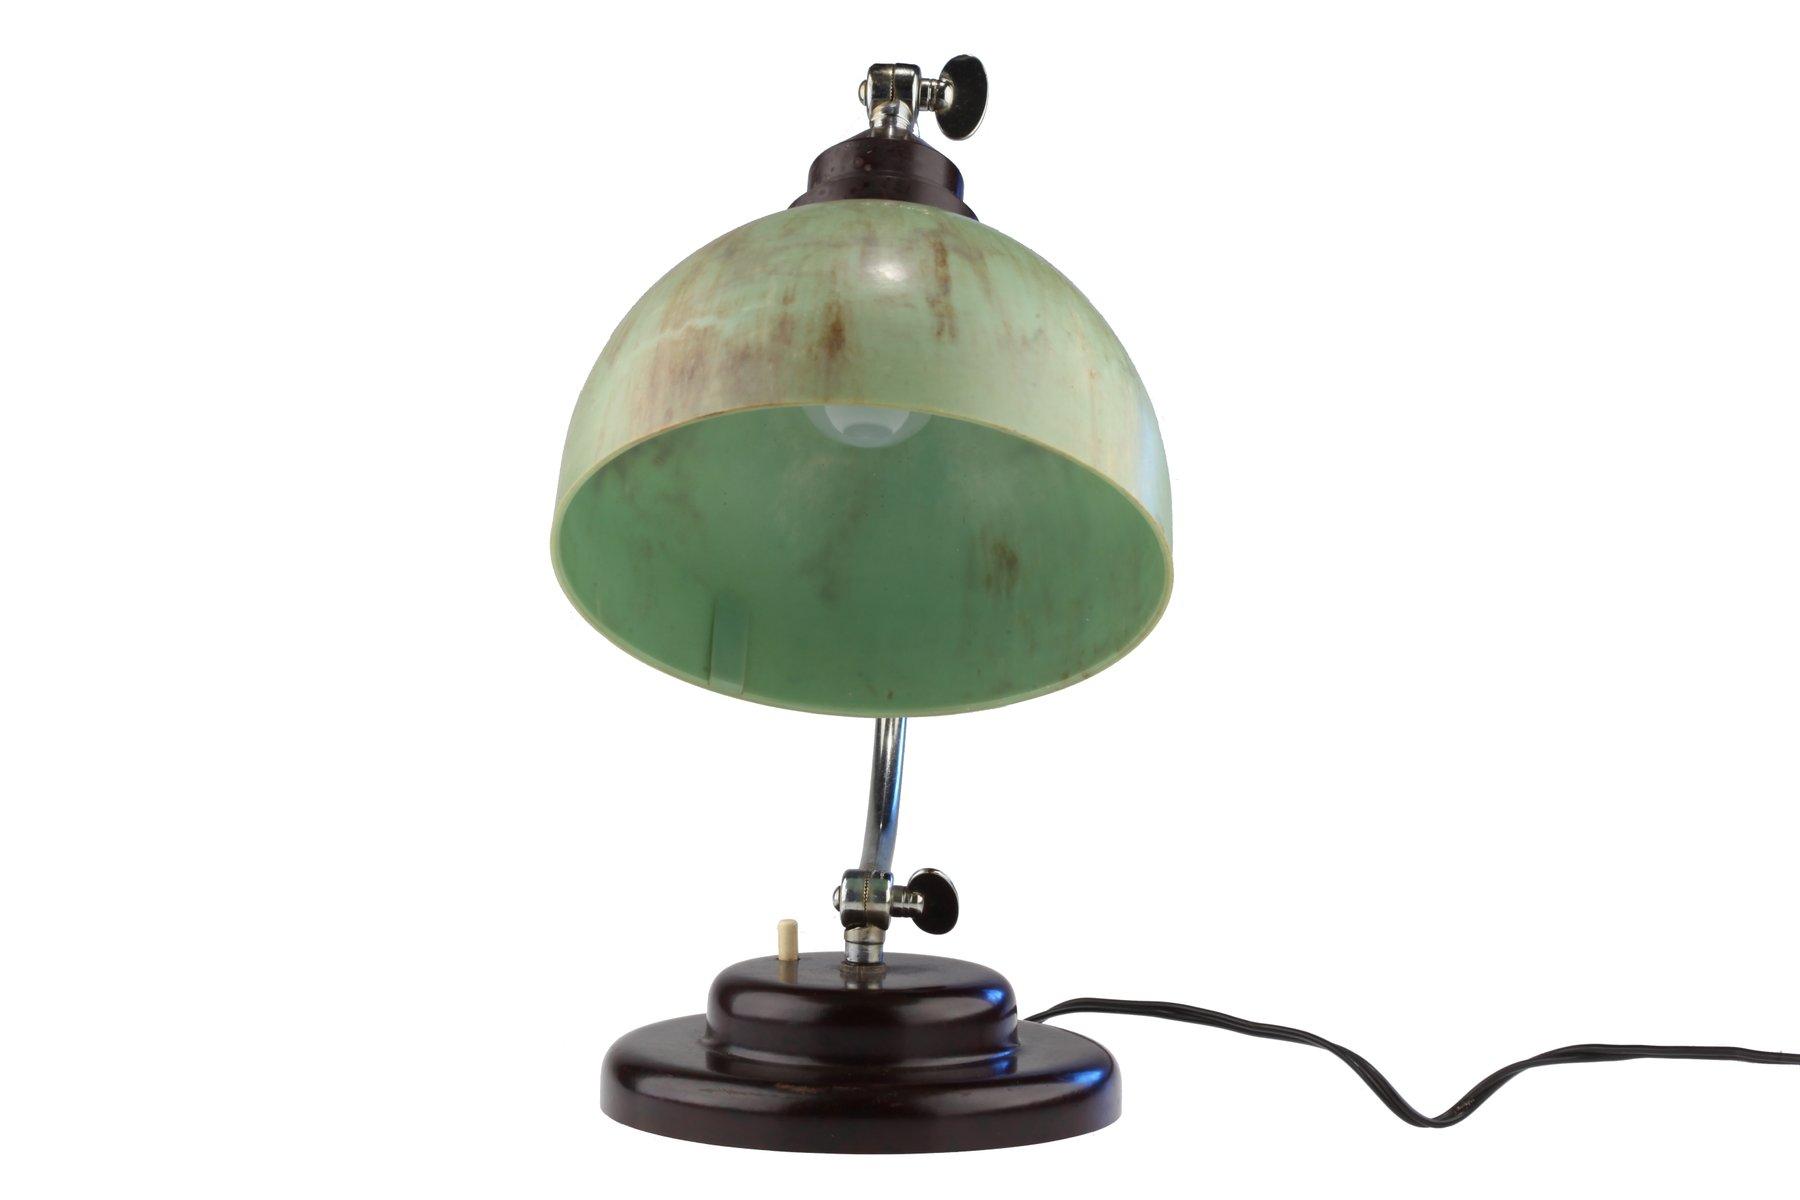 lampe de bureau art d co vintage avec abat jour en bak lite vert en vente sur pamono. Black Bedroom Furniture Sets. Home Design Ideas